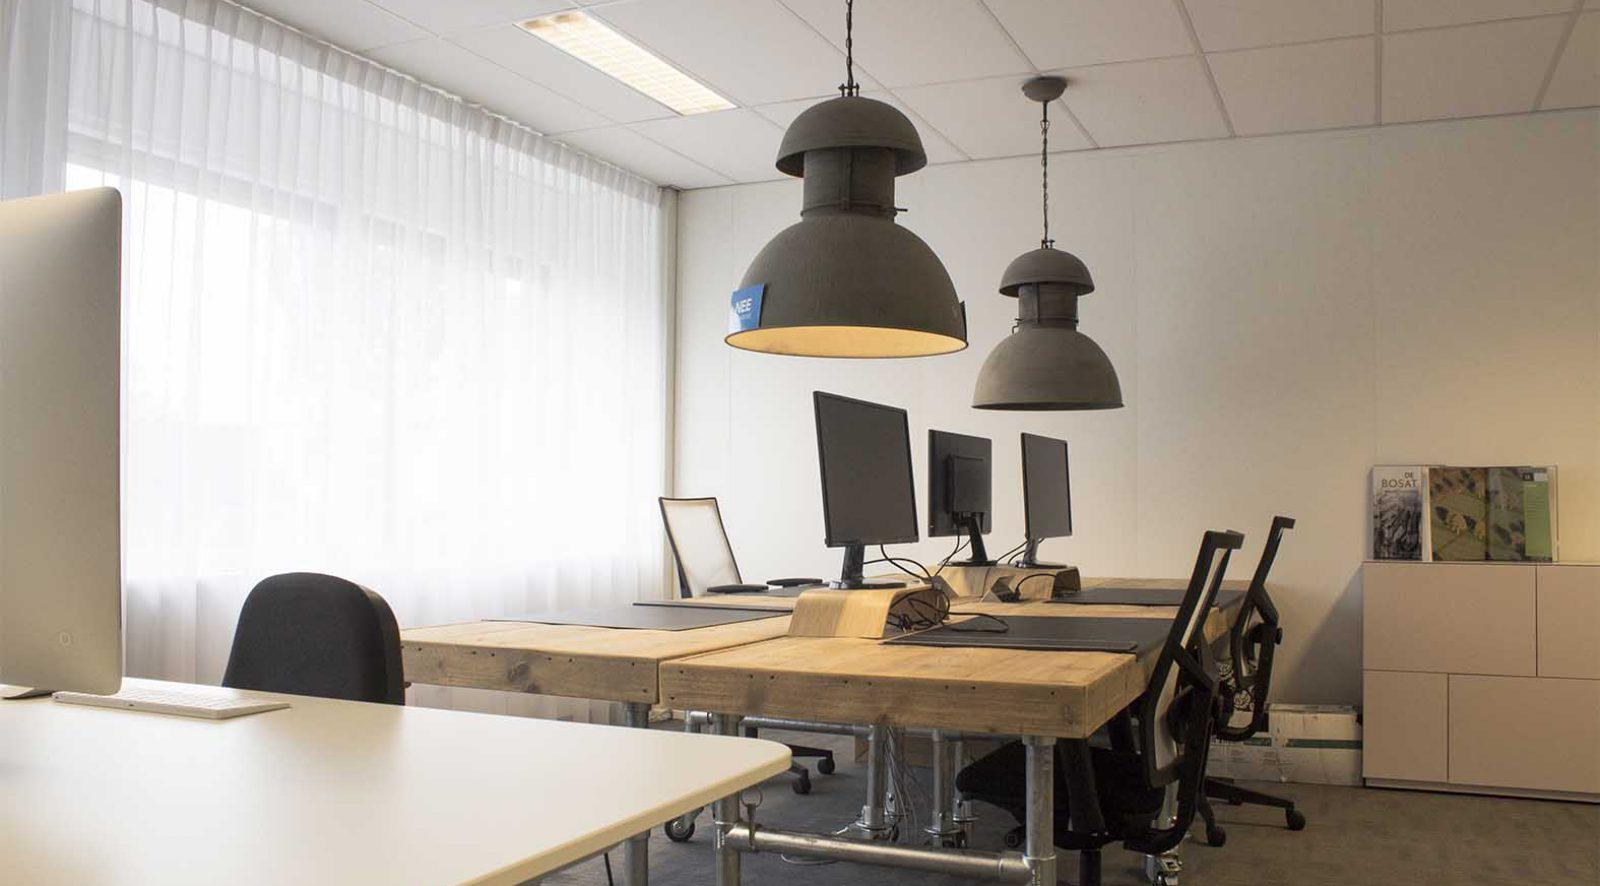 Bedrijfsruimte Haarlem - Crown Business Center Haarlem